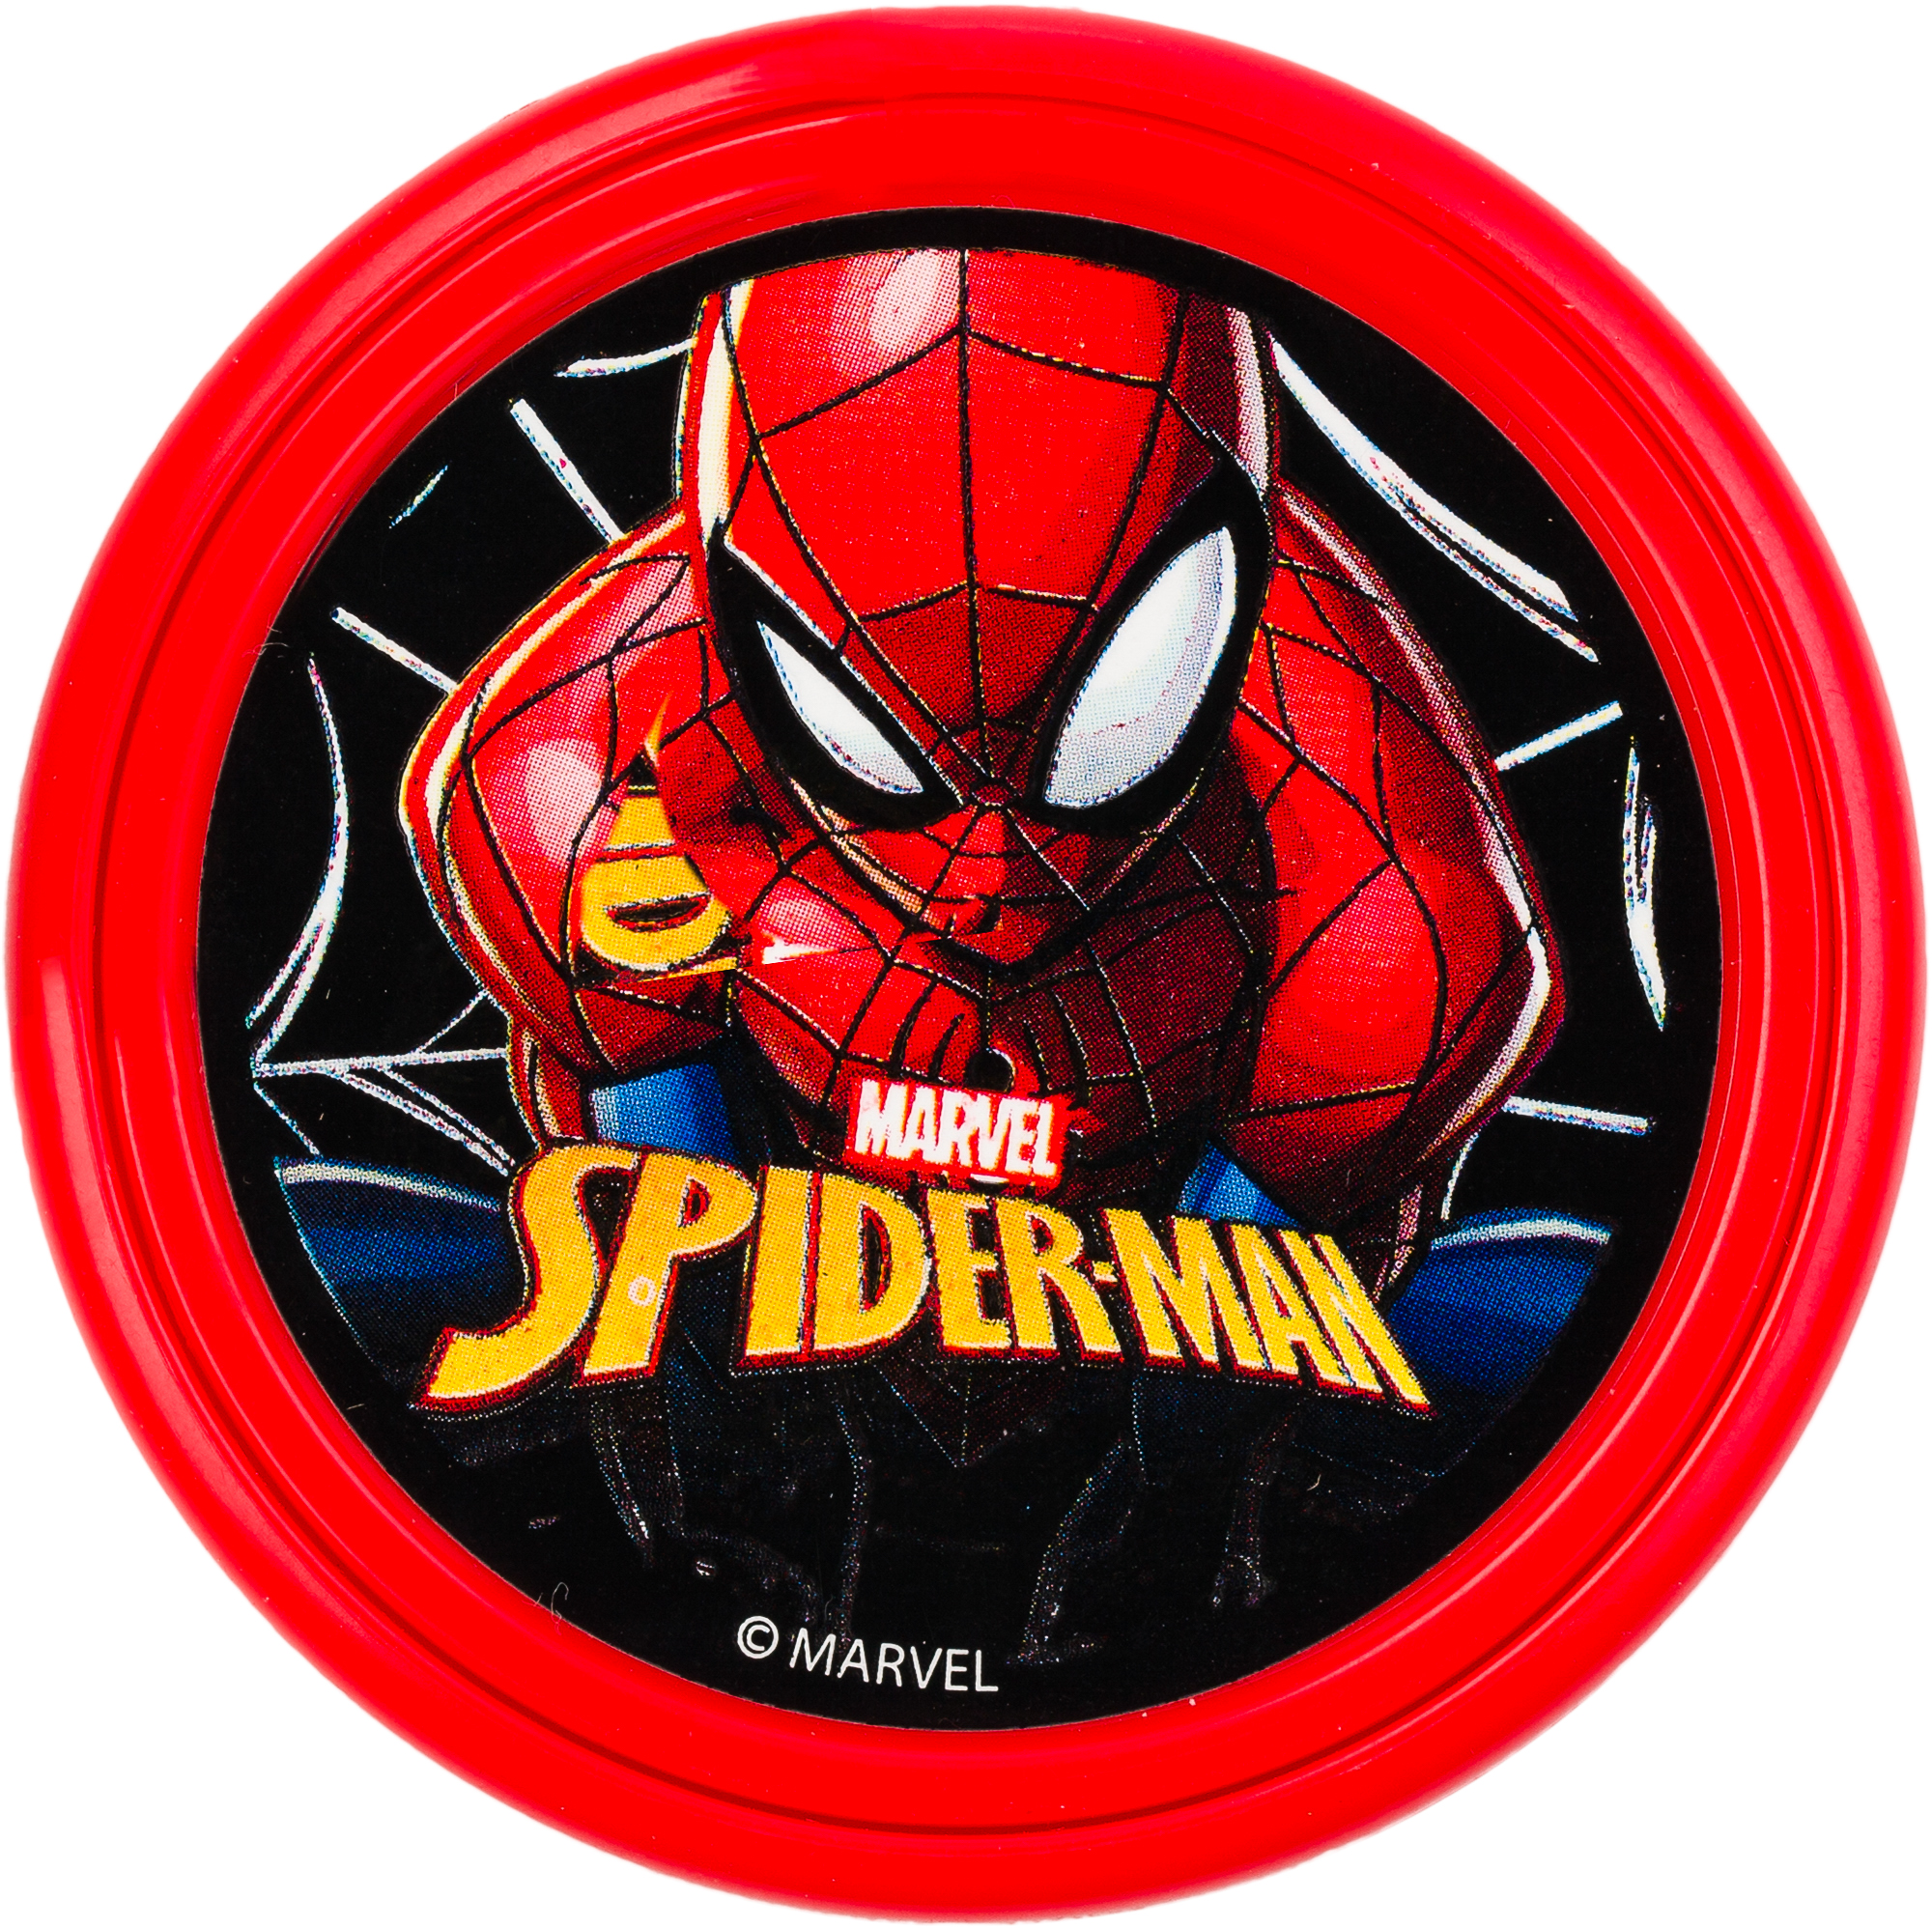 Torneo Игра Йо-йо Marvel Spider-man